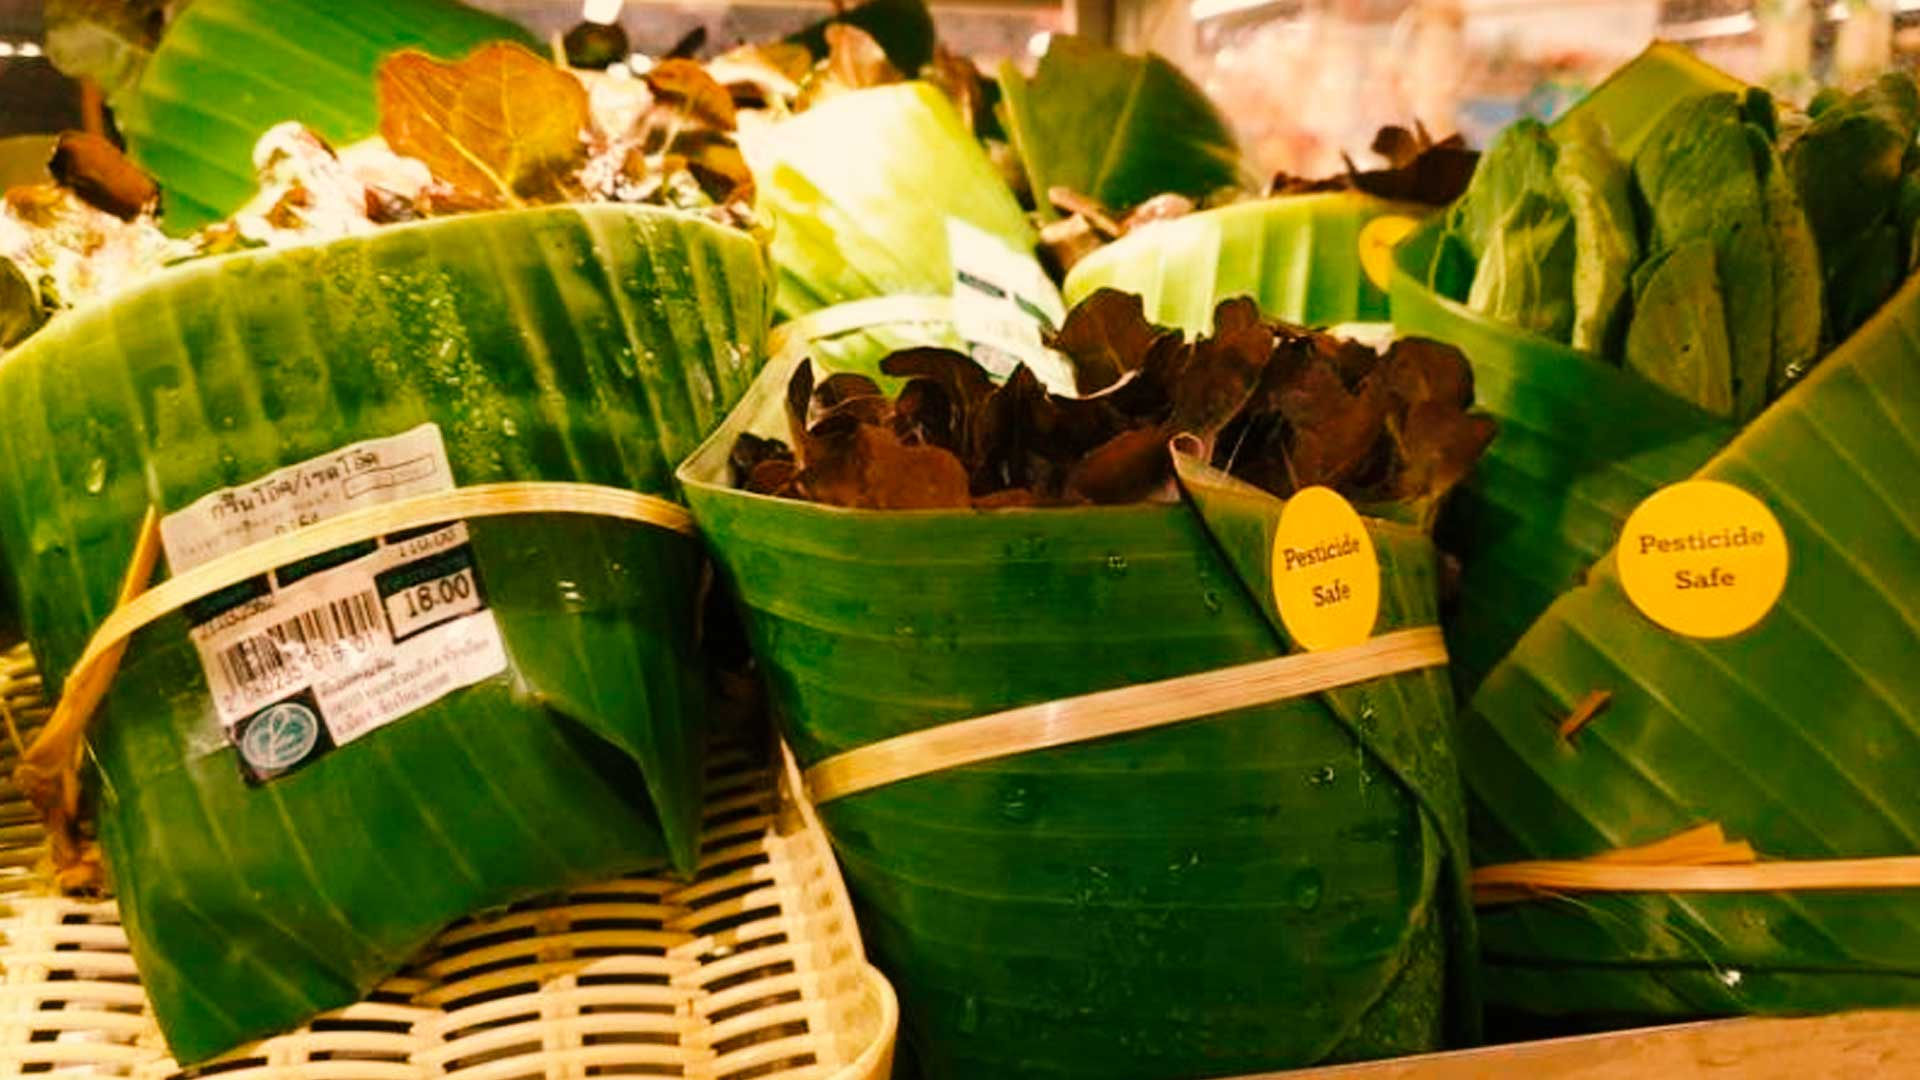 Supermercado utiliza hojas de plátano en lugar de plásticos, este es el resultado